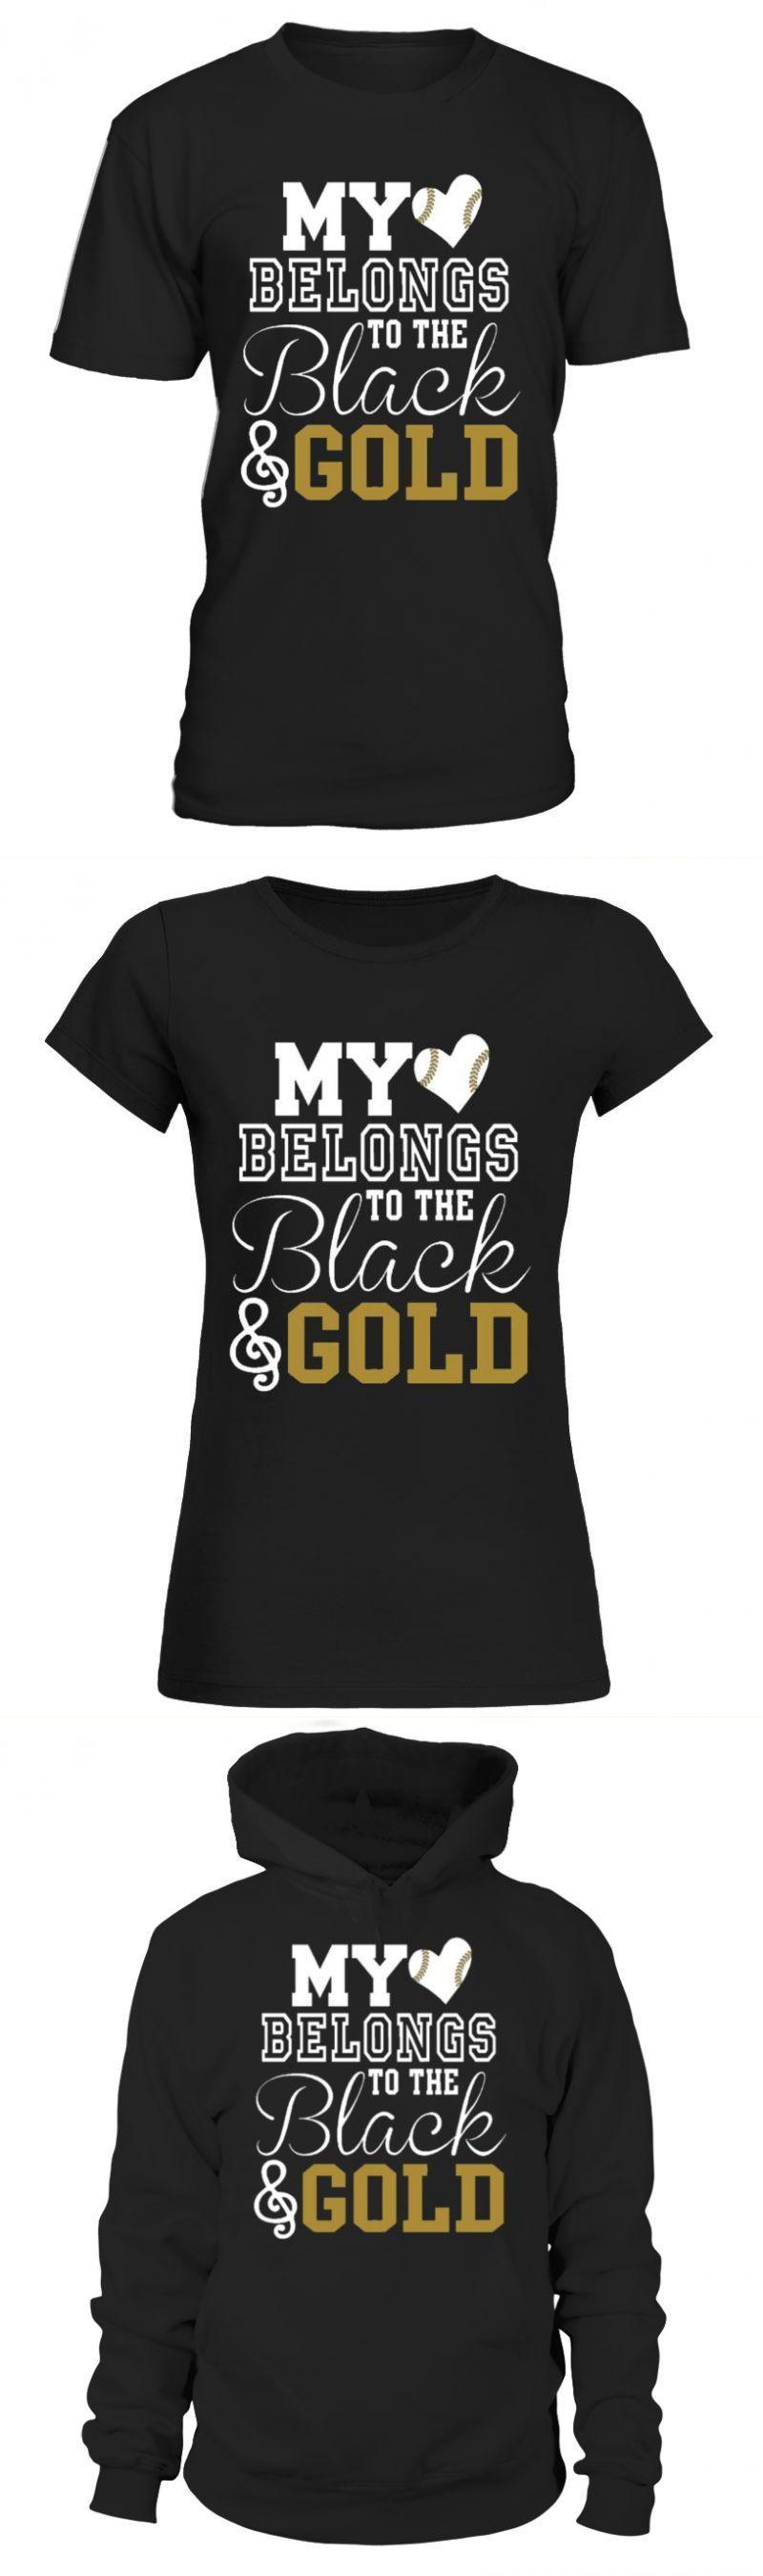 T Shirt Designs For Basketball Teams Black Gold Baseball Shirts